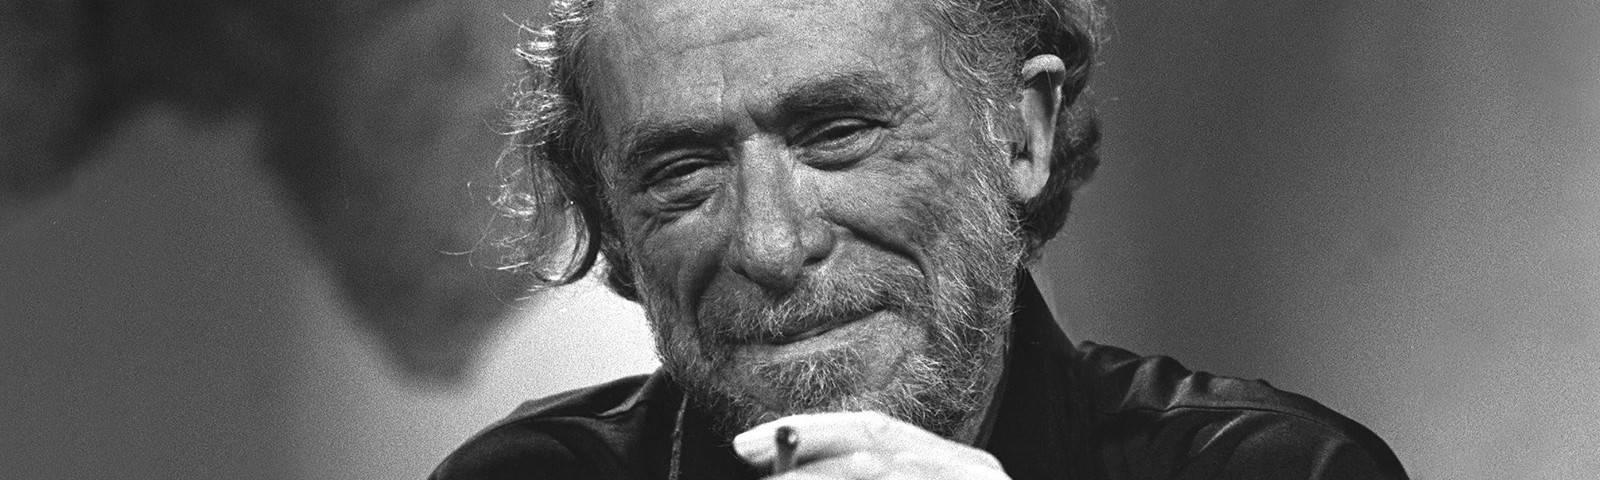 Чарльз буковски - биография, информация, личная жизнь